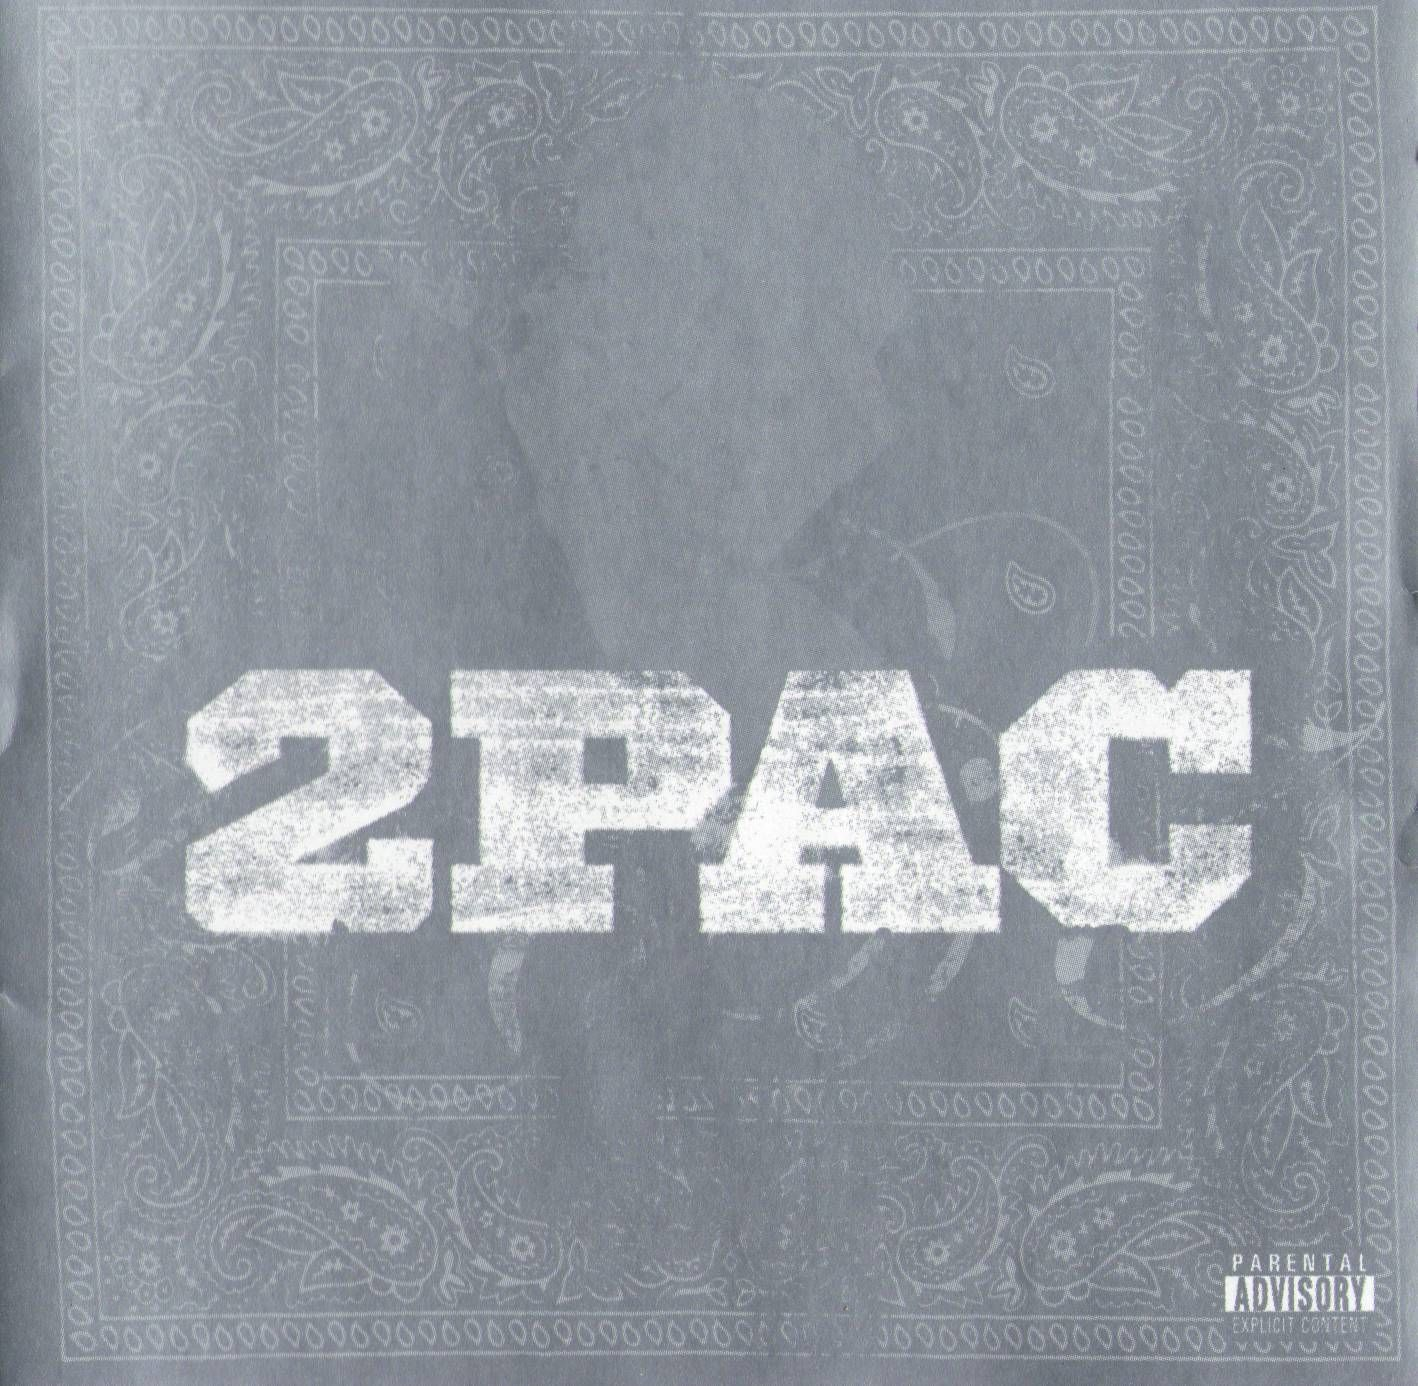 2pac - Live album cover